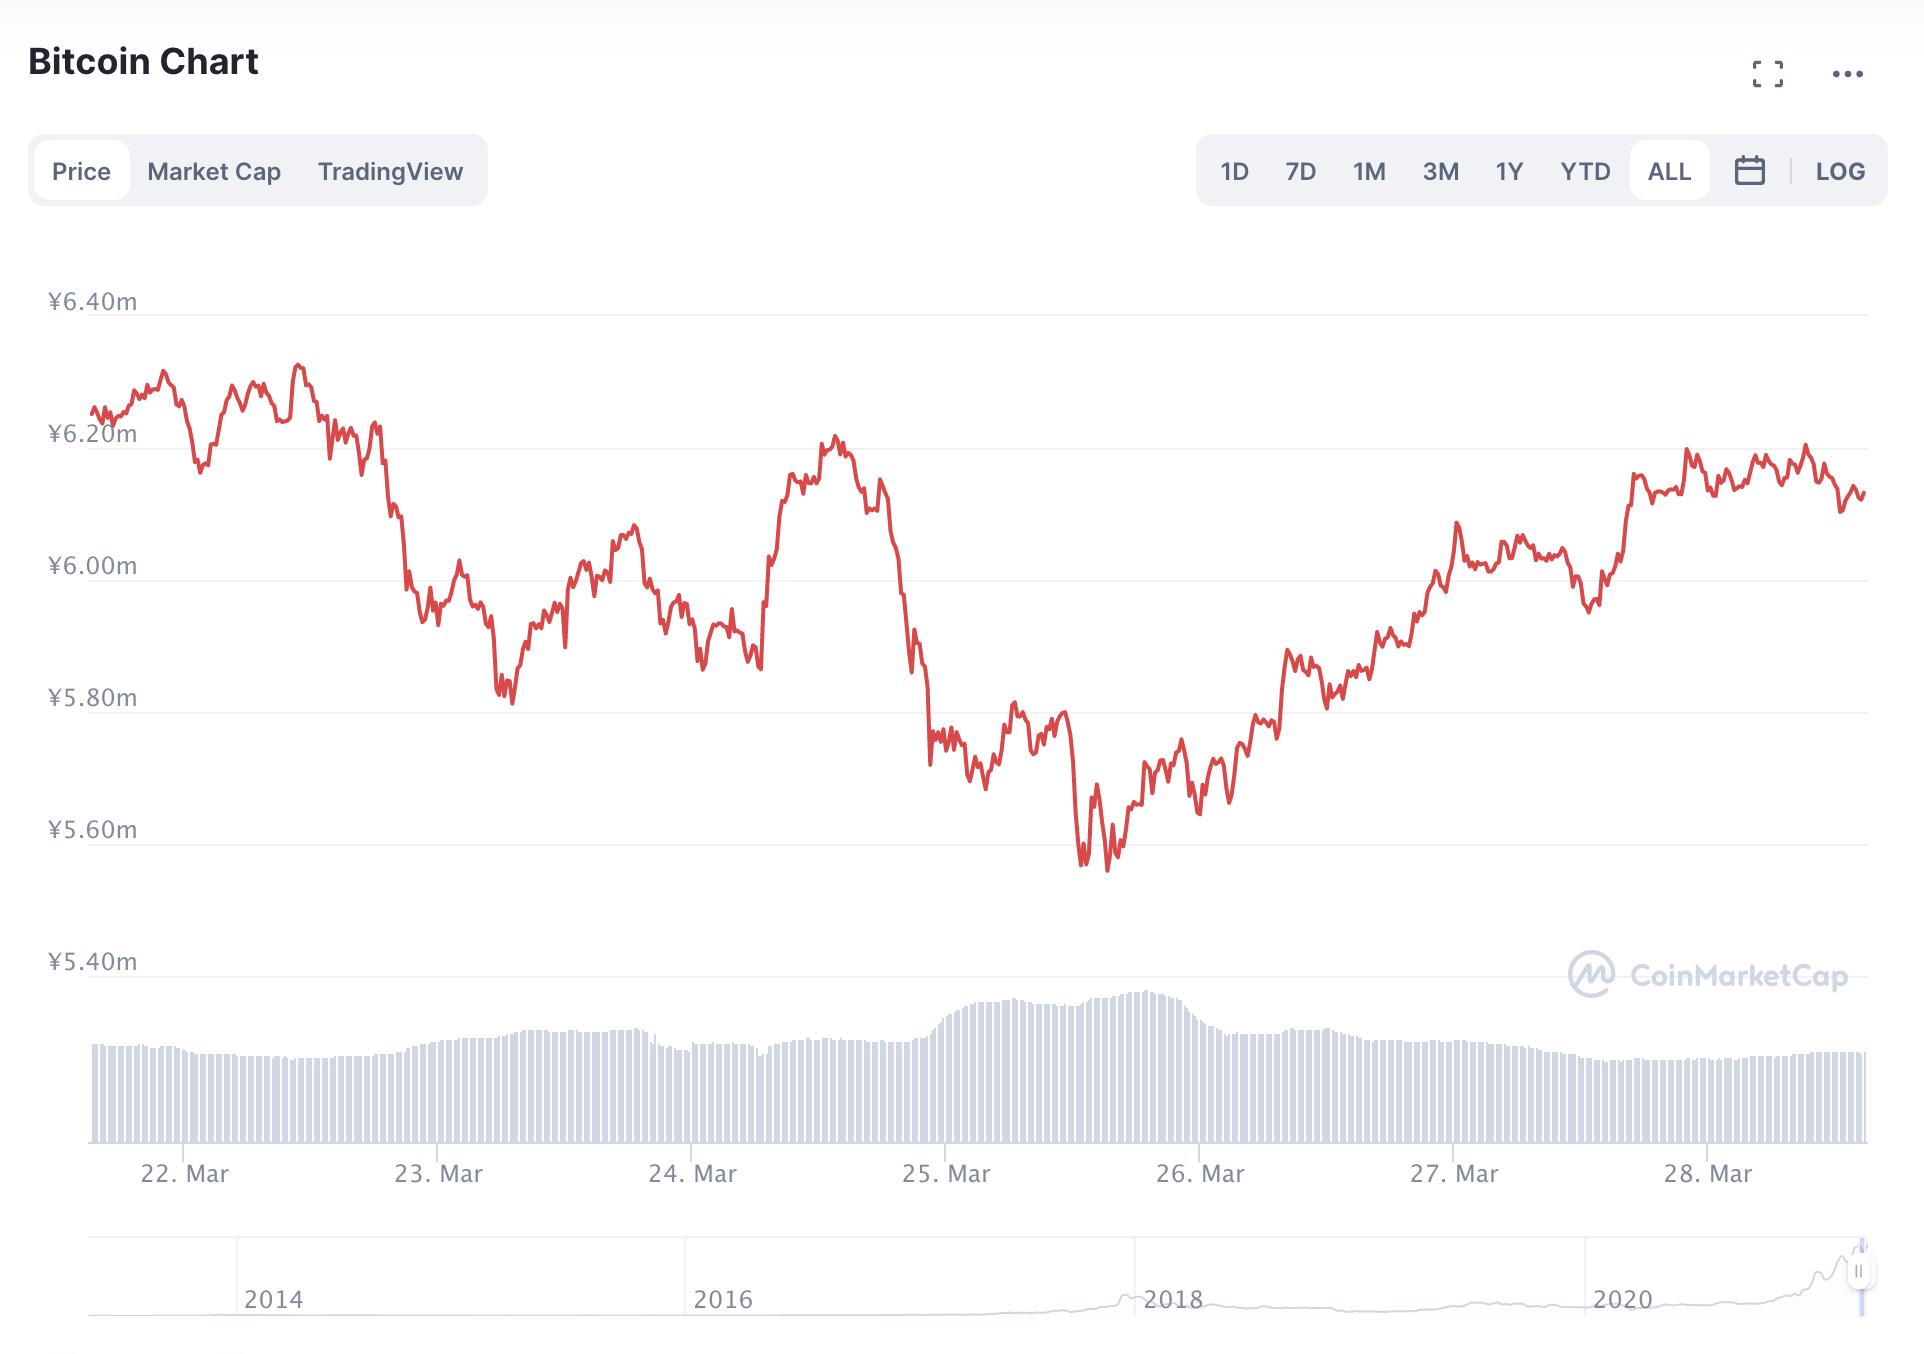 ビットコインチャート(2021年3月22日〜28日)